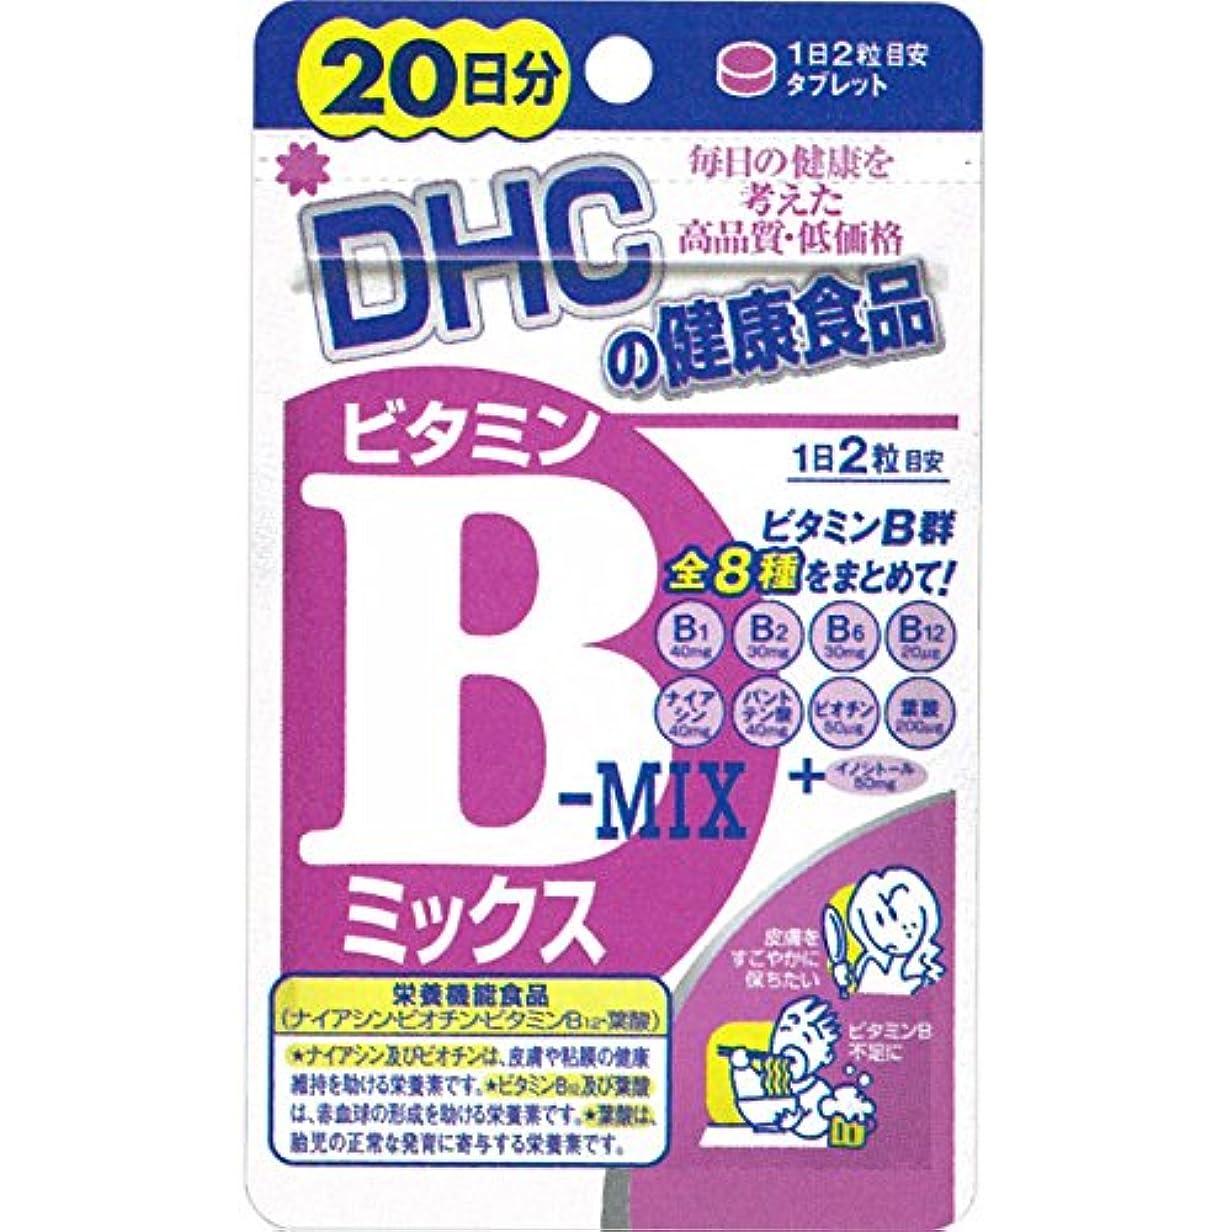 書士フェデレーション居間DHC(ディーエイチシー) サプリメント DHC ビタミンB MIX 20日分